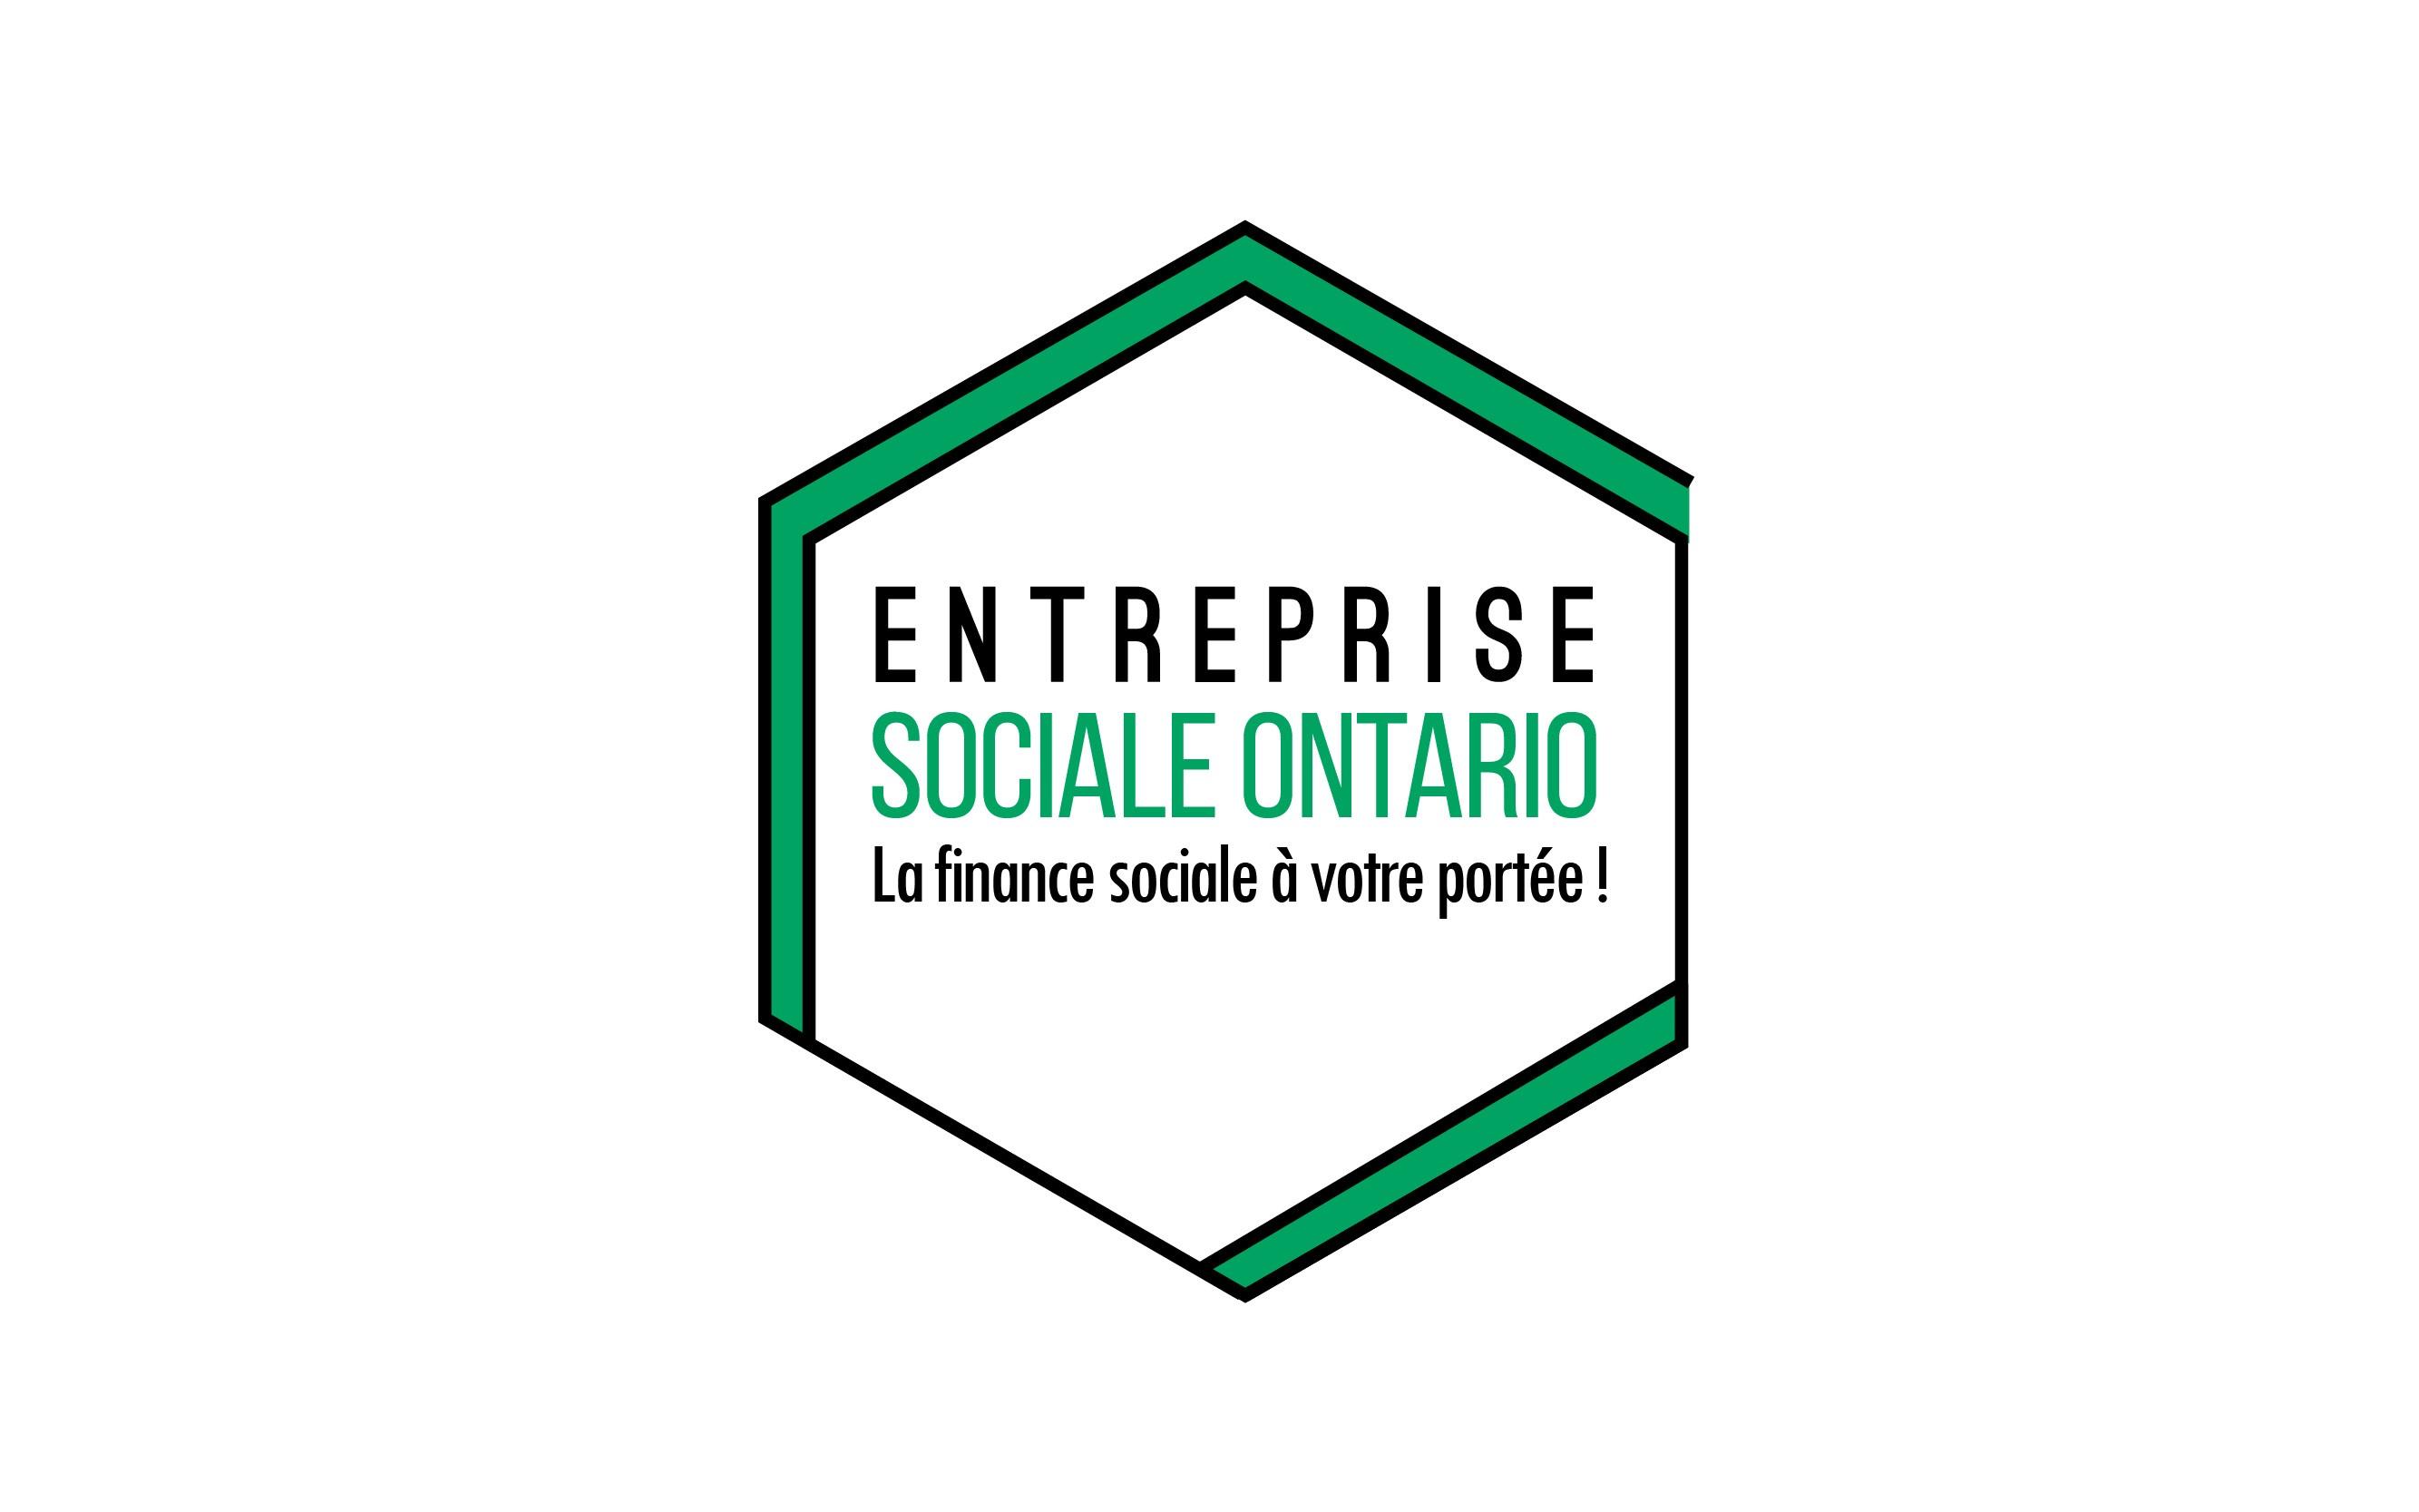 Logo_Entreprise_sociale_Ontario.jpg